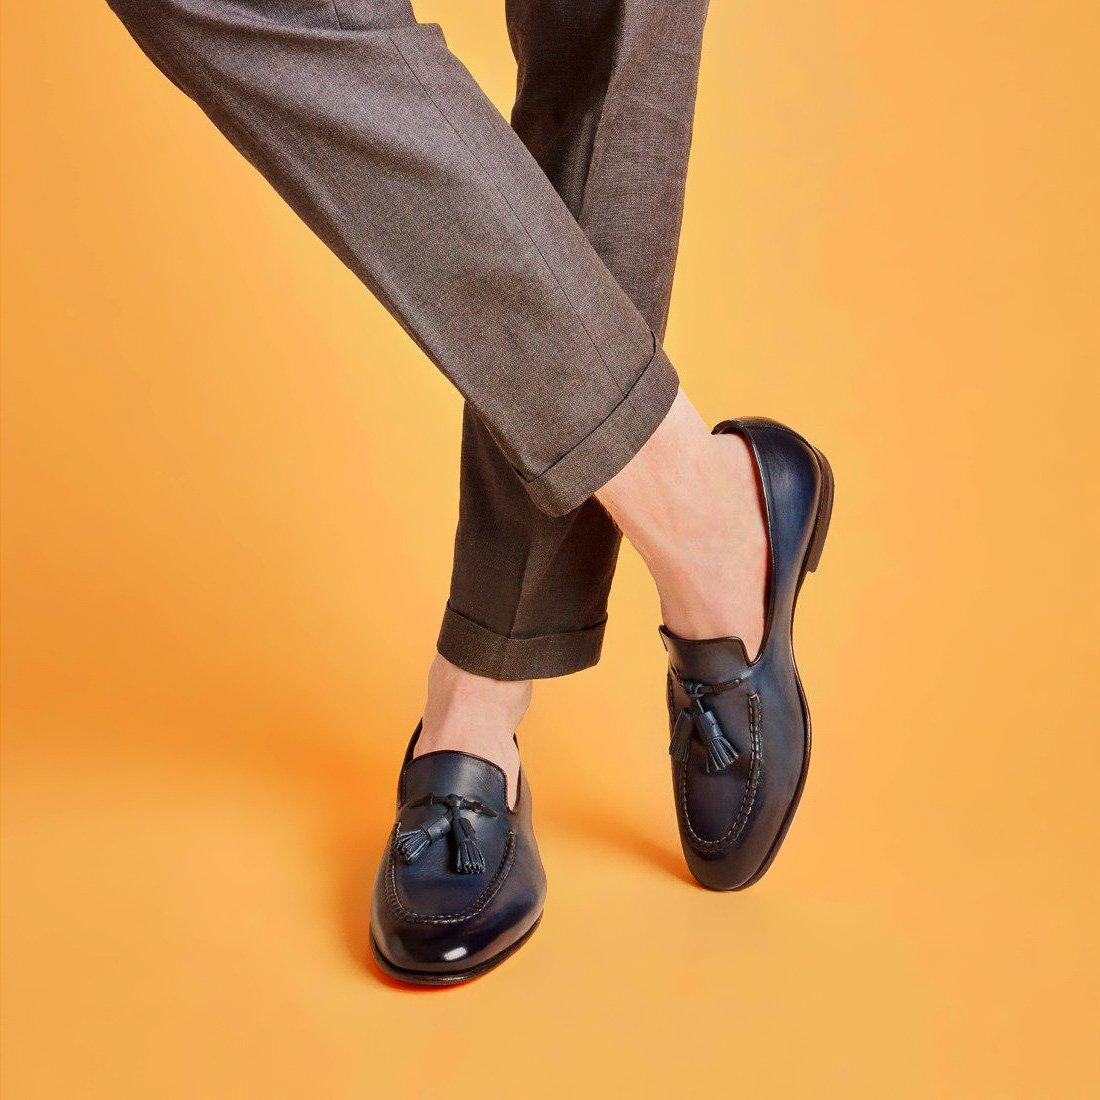 Гид по обуви нового сезона